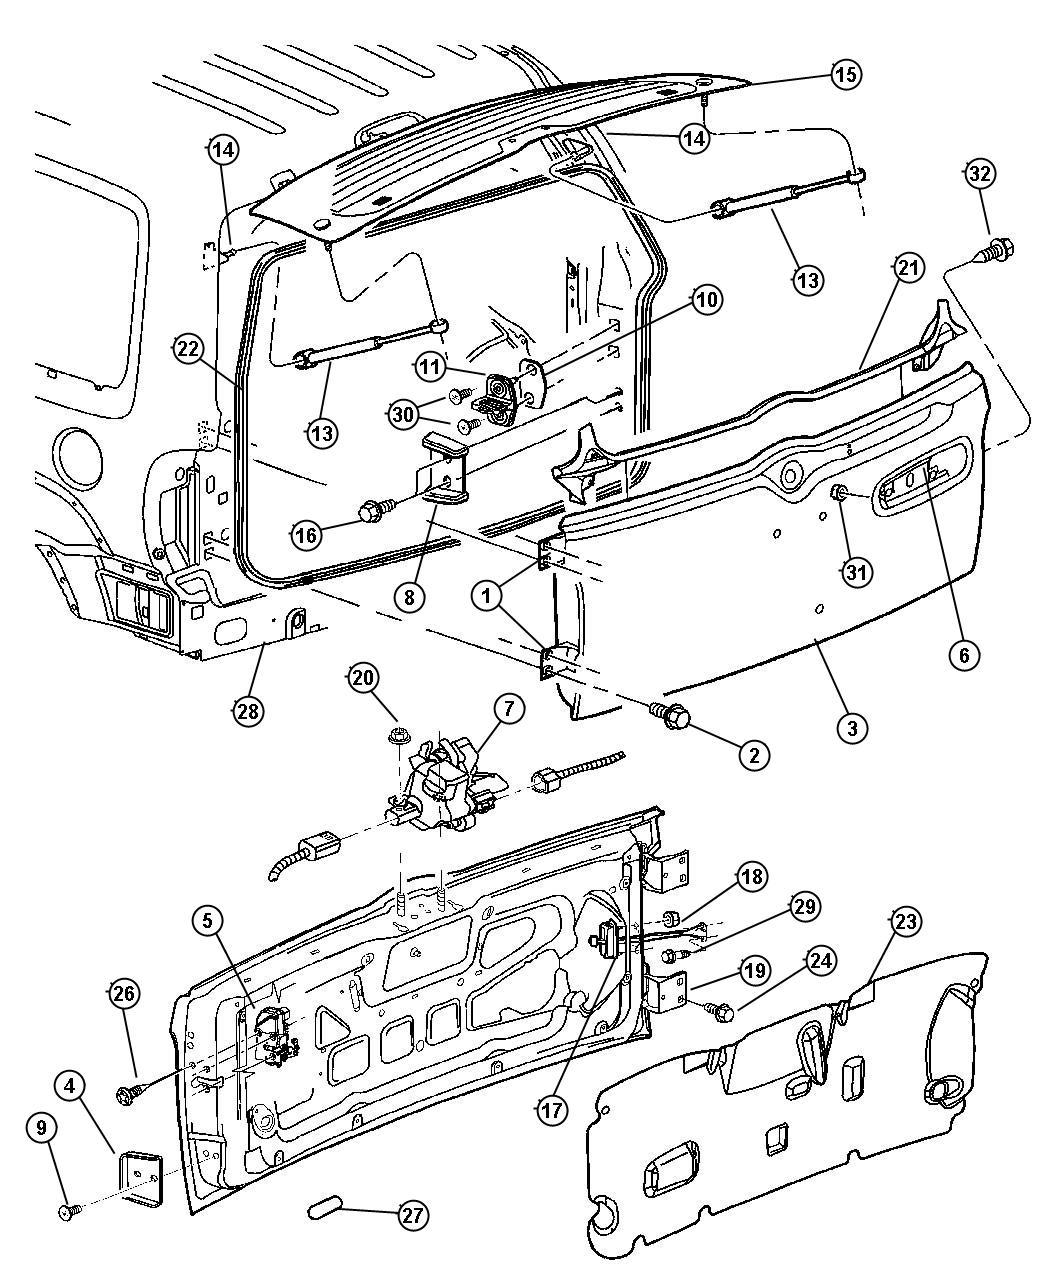 98 Dodge Tailgate Parts Diagram. Dodge. Auto Wiring Diagram